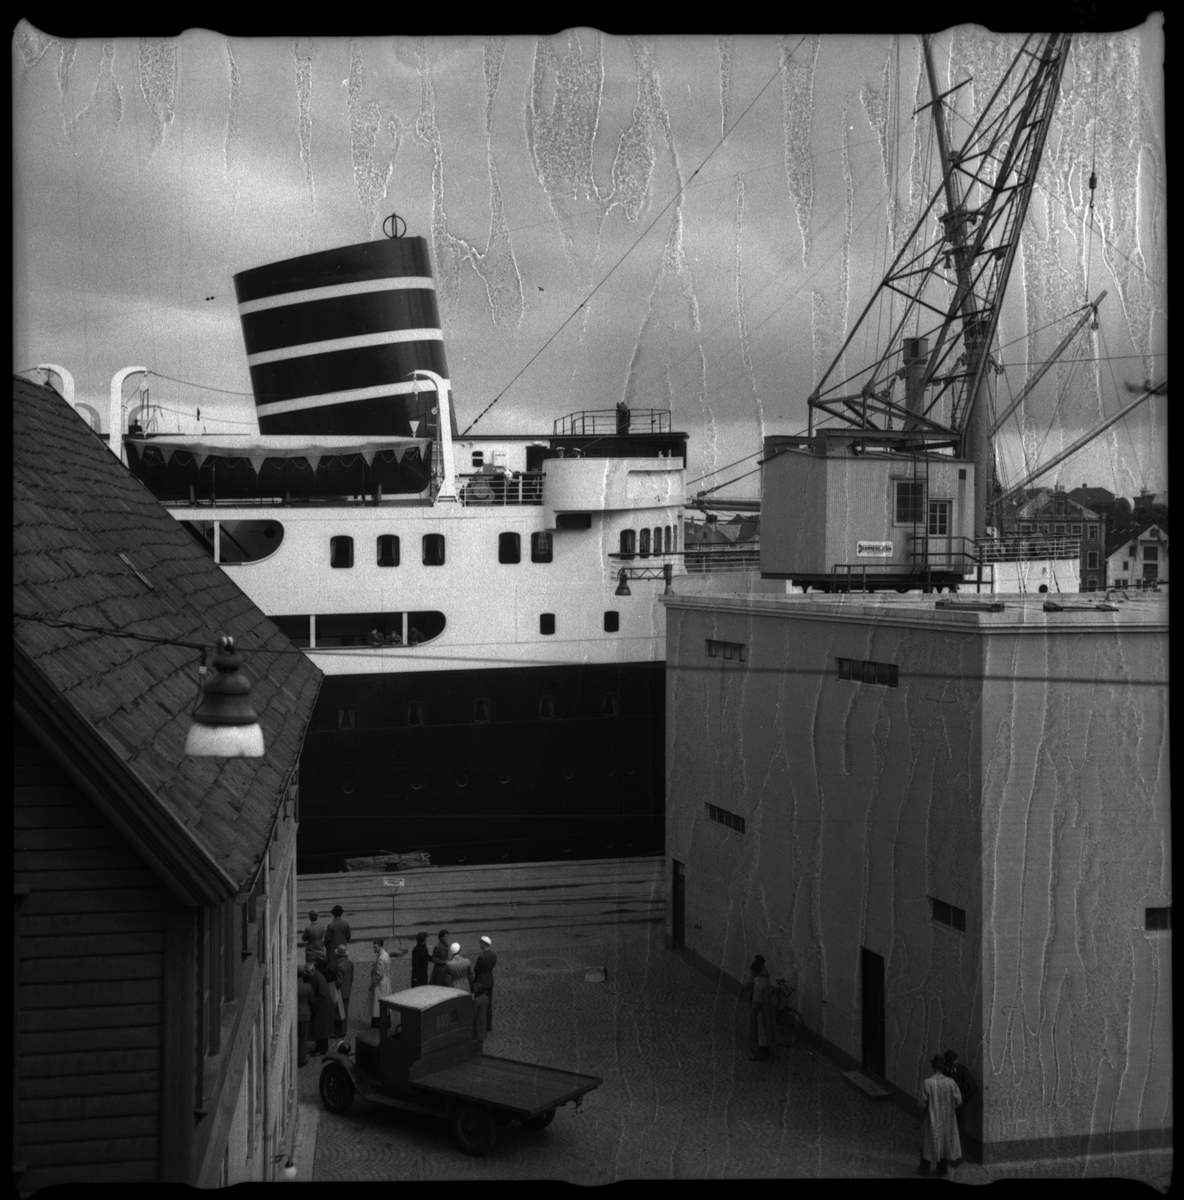 """Passasjerskipet M/S """"Vega"""" (bilde 1 og 2) ved havn på Sølyst utenfor Stavanger. En utmagret ku beiter med St. Johanneskirken i bakgrunnen på bilde 3. De Døves Hus på Storhaug er på bilde nr. 4. DSDs sjøbuss """"Ekspress"""" kjører forbi et nes på bilde nr. 6."""